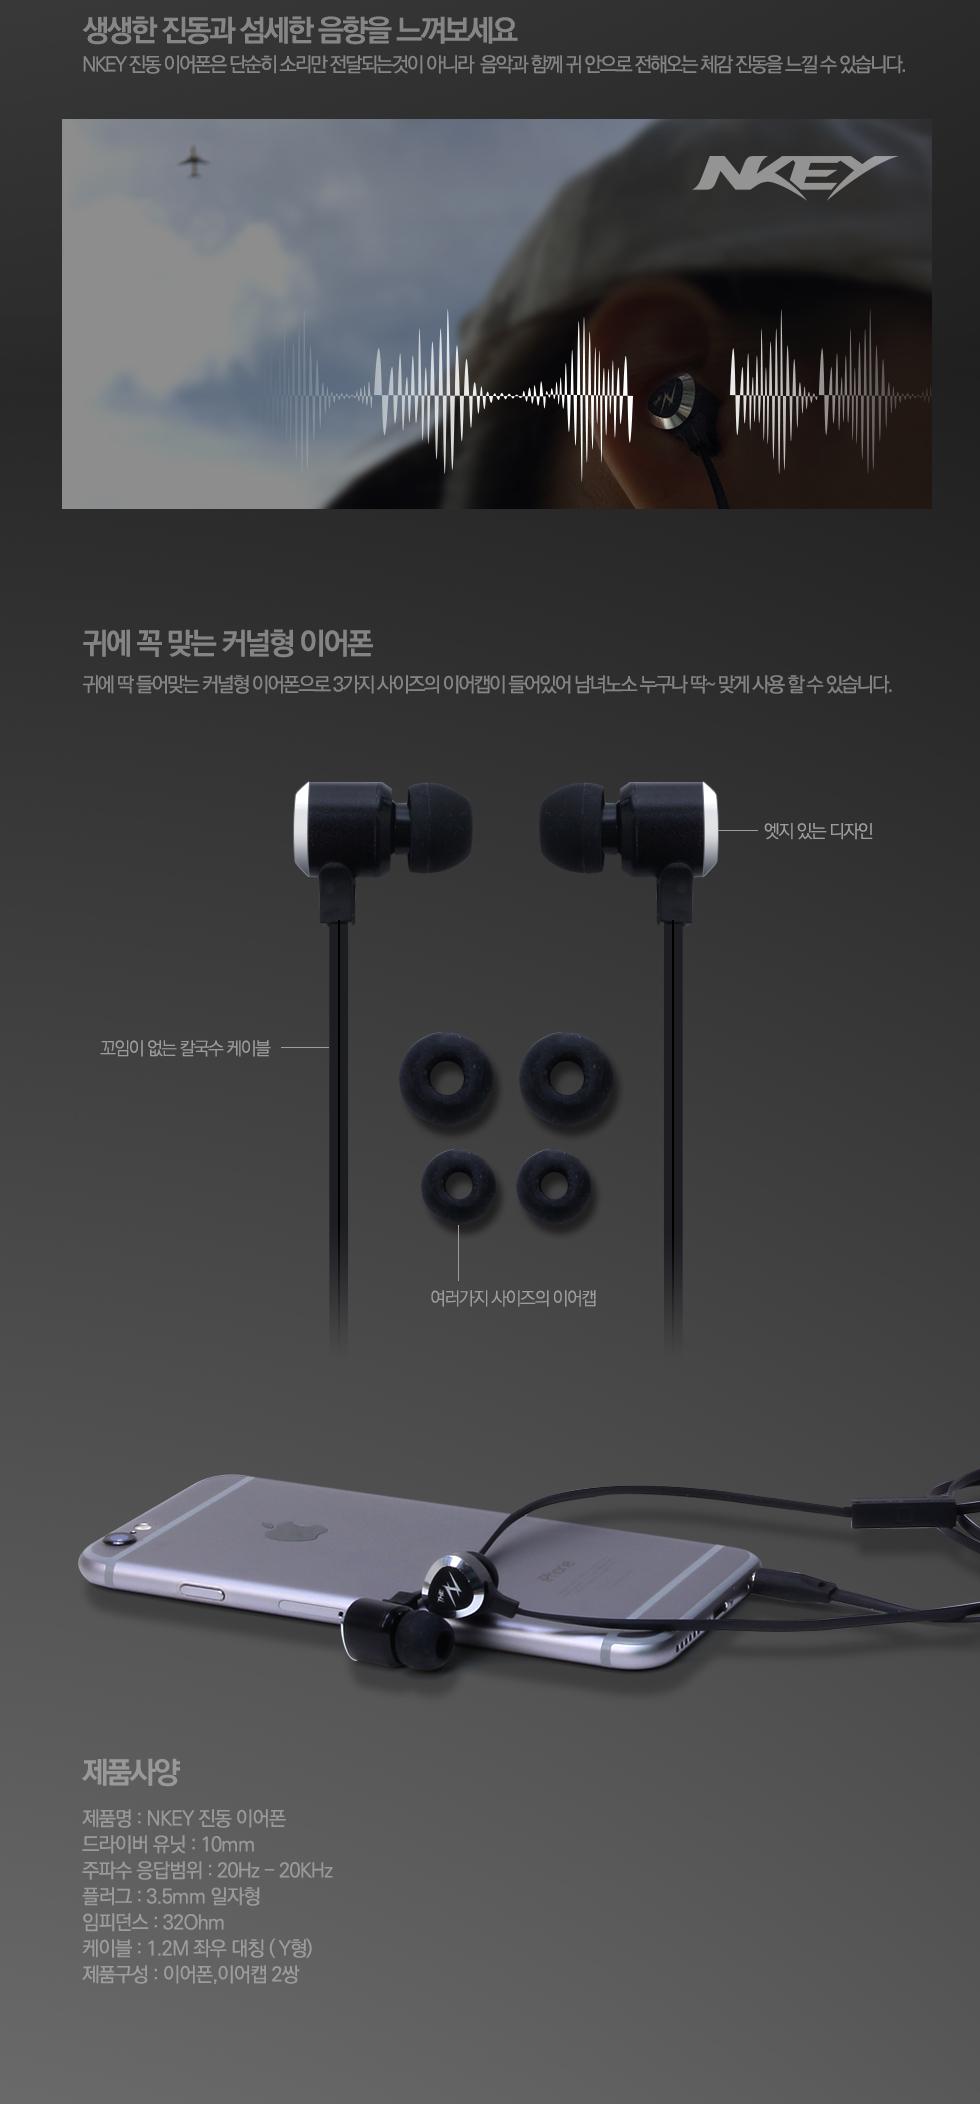 jindong-980x1_02.jpg